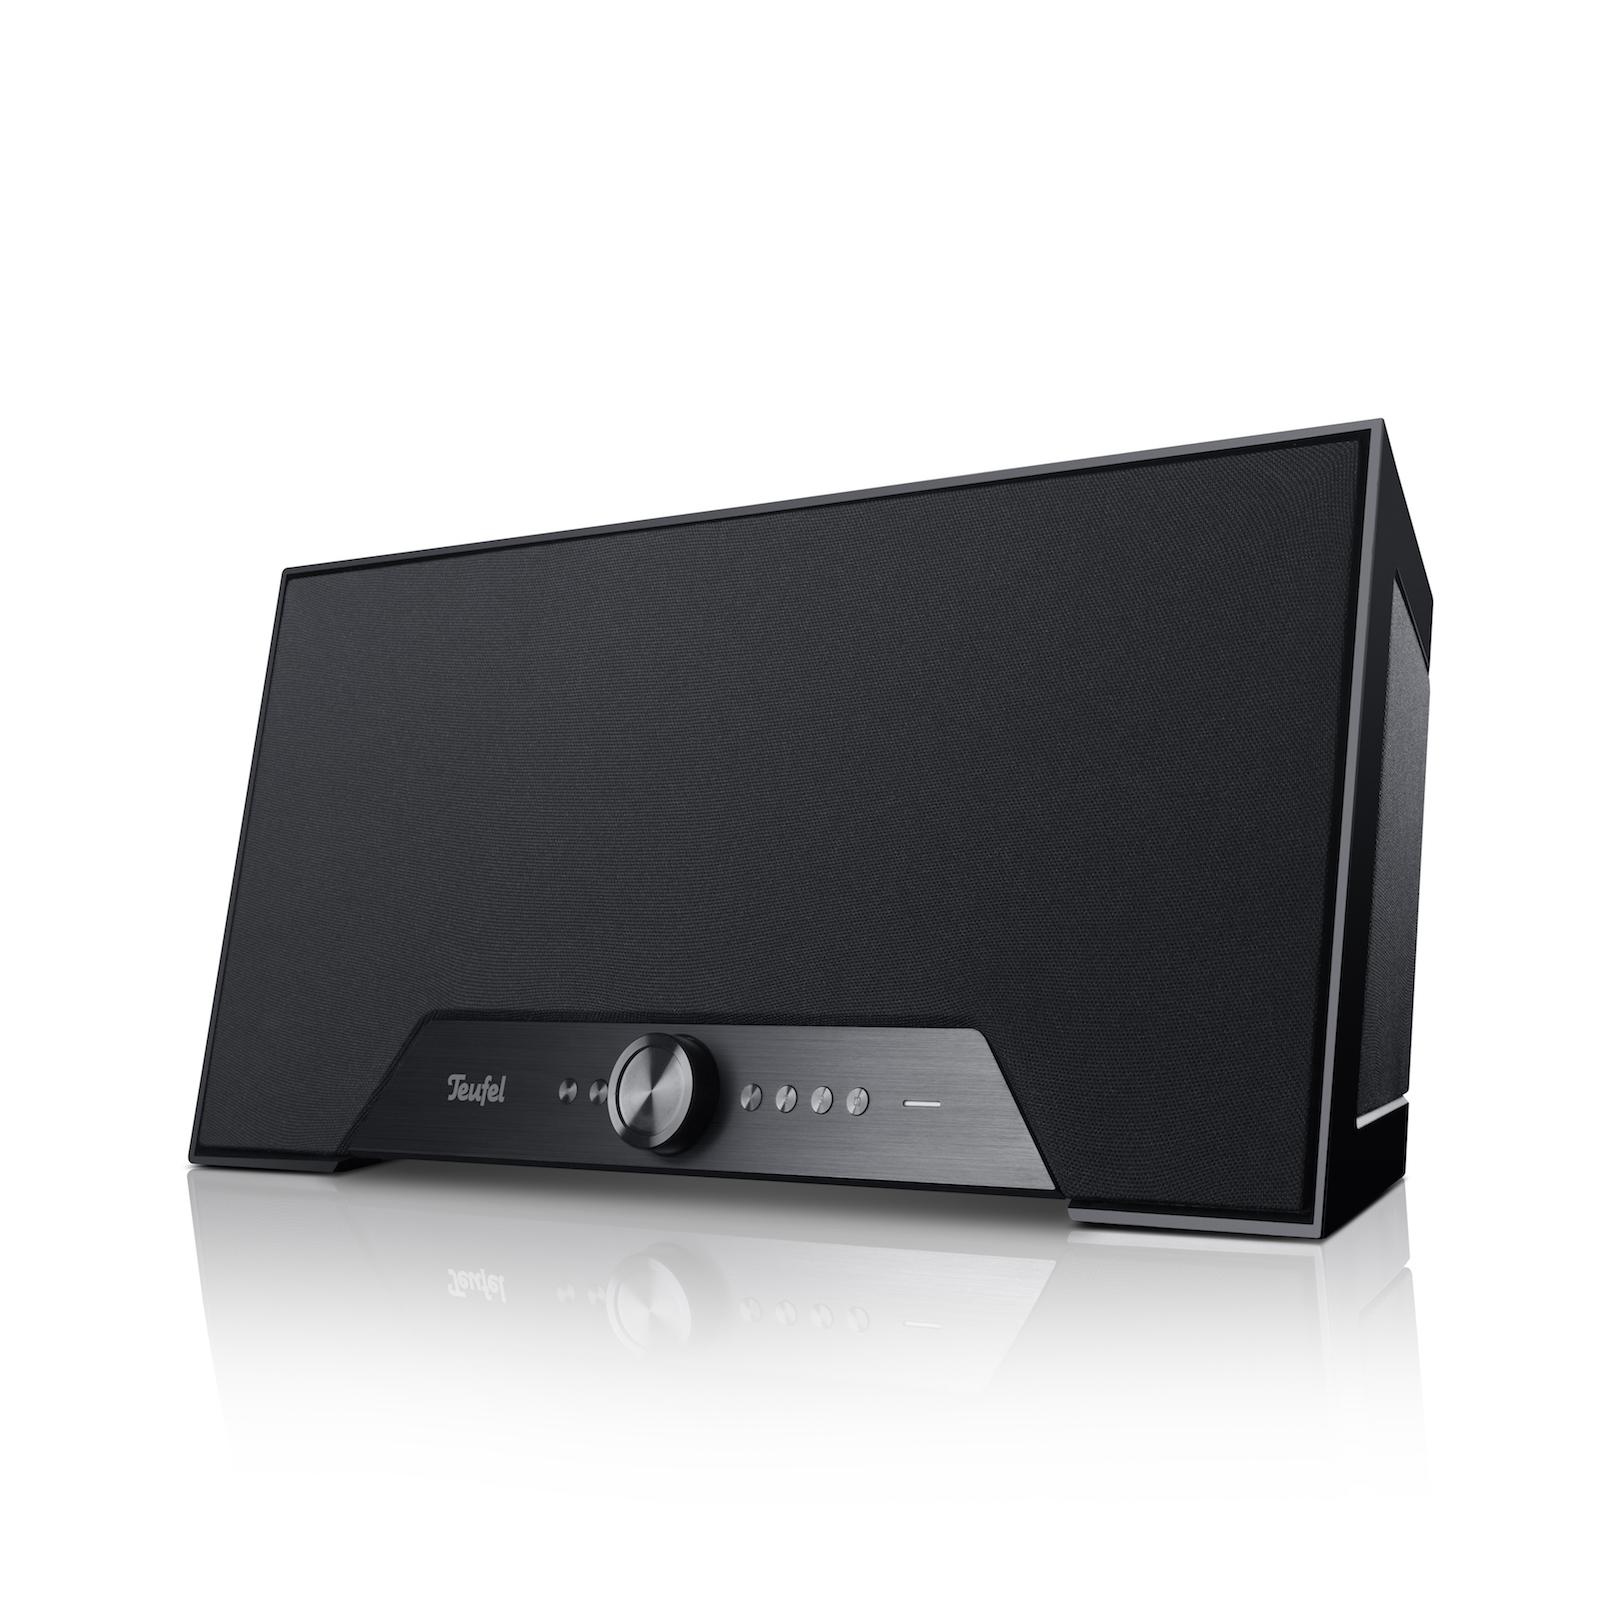 teufel zeigt seine neuen streaming lautsprecher allround. Black Bedroom Furniture Sets. Home Design Ideas